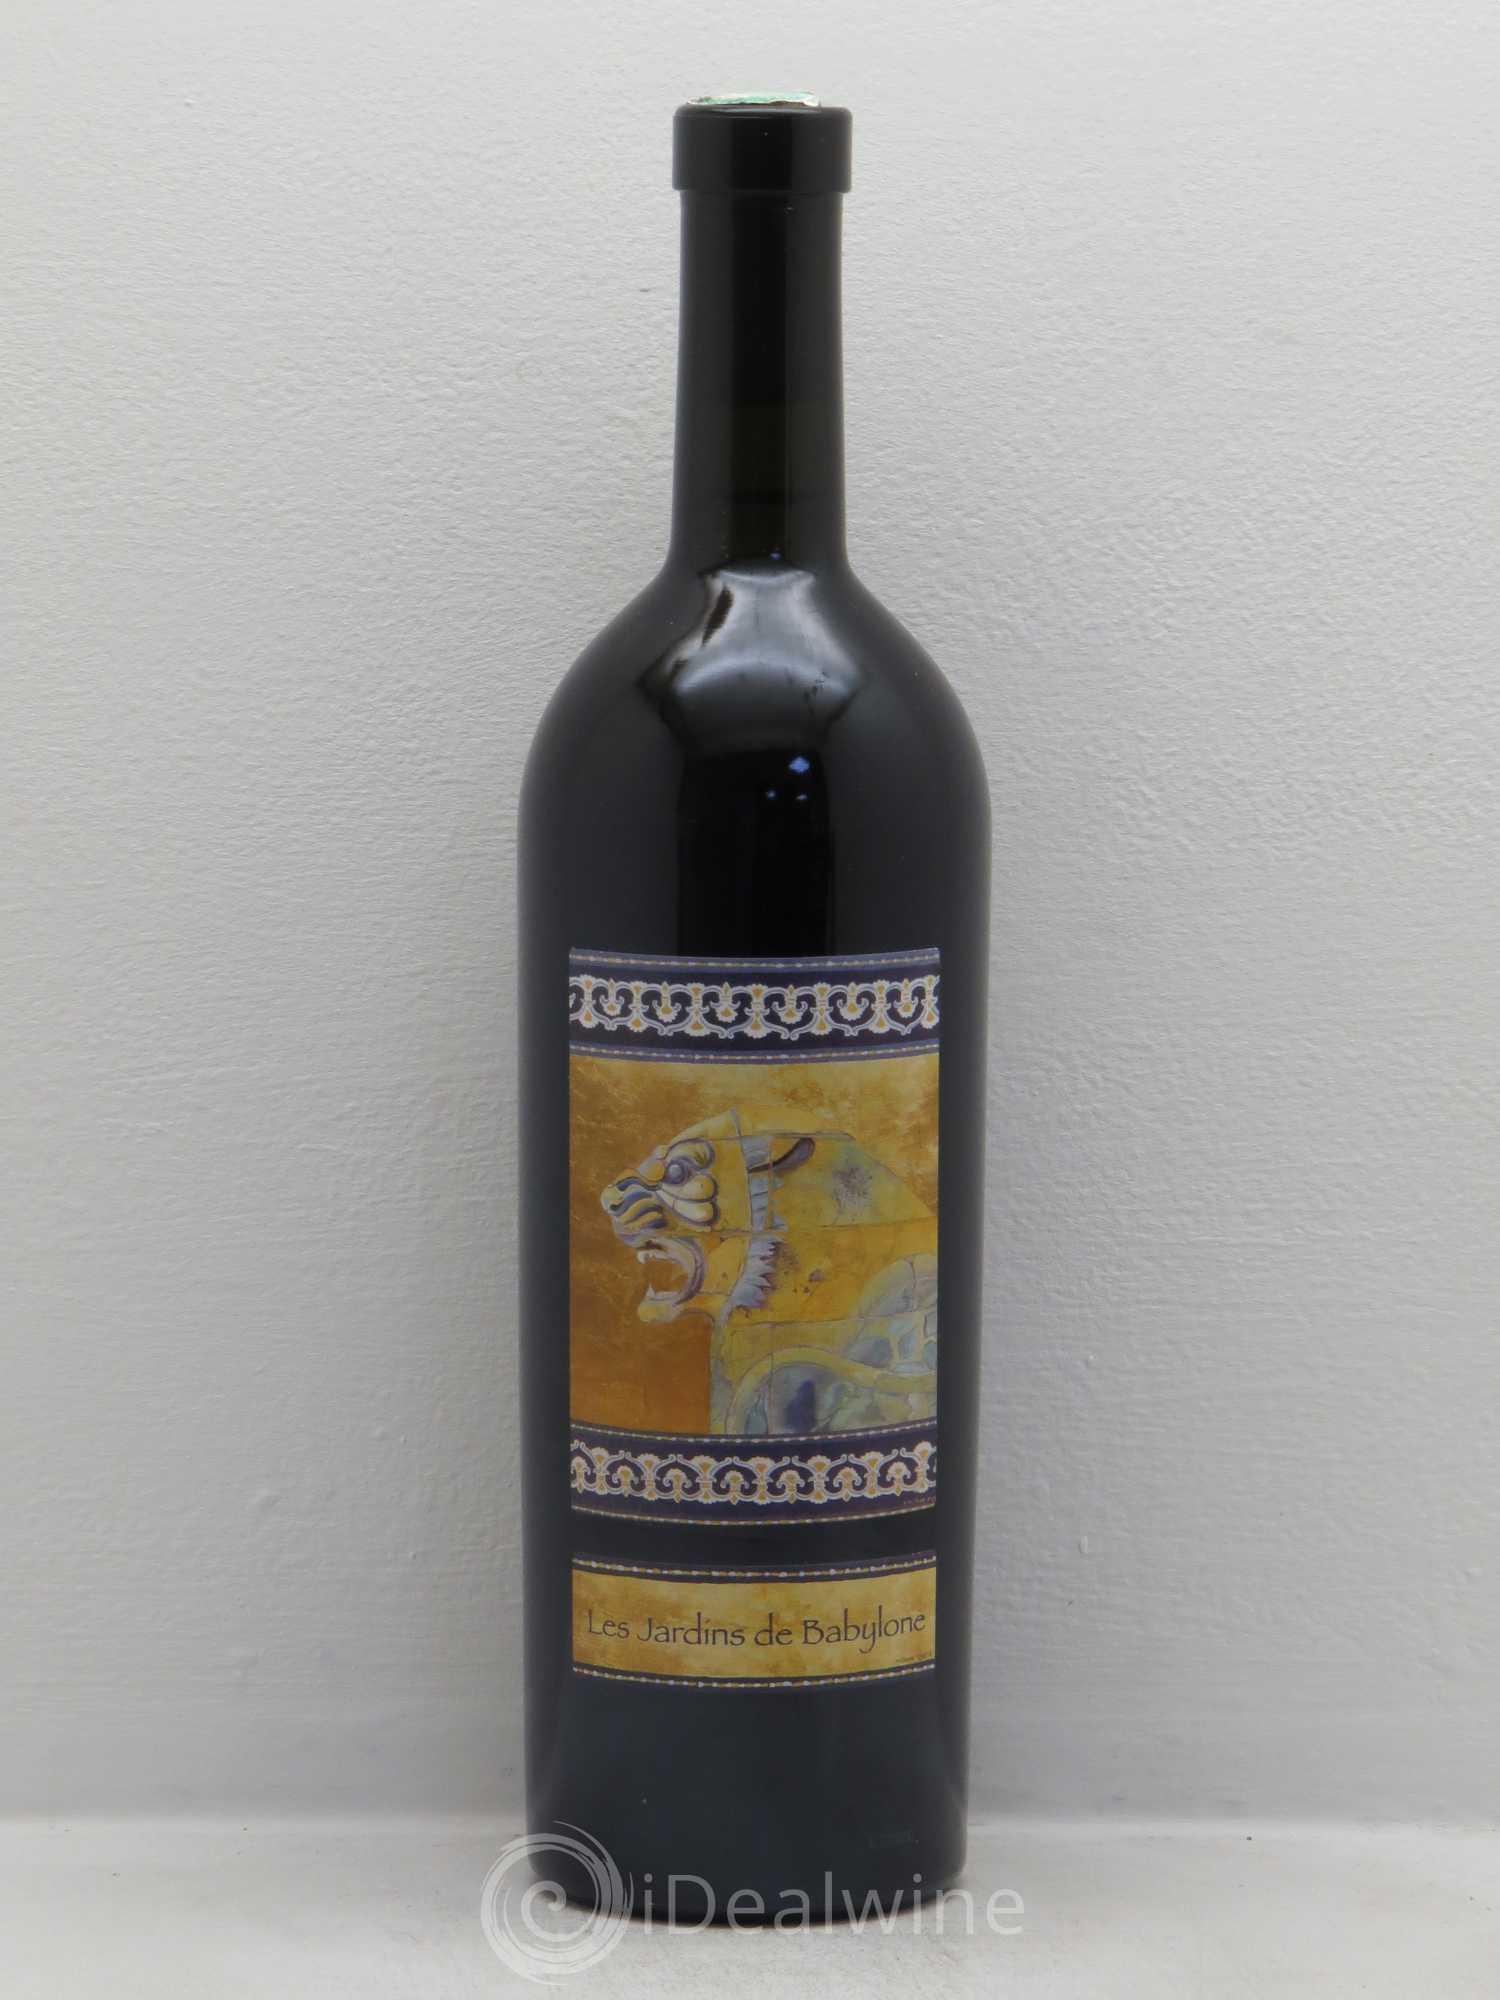 Find les jardins de la balme val d isere shop every store for Jardin de babylone wine